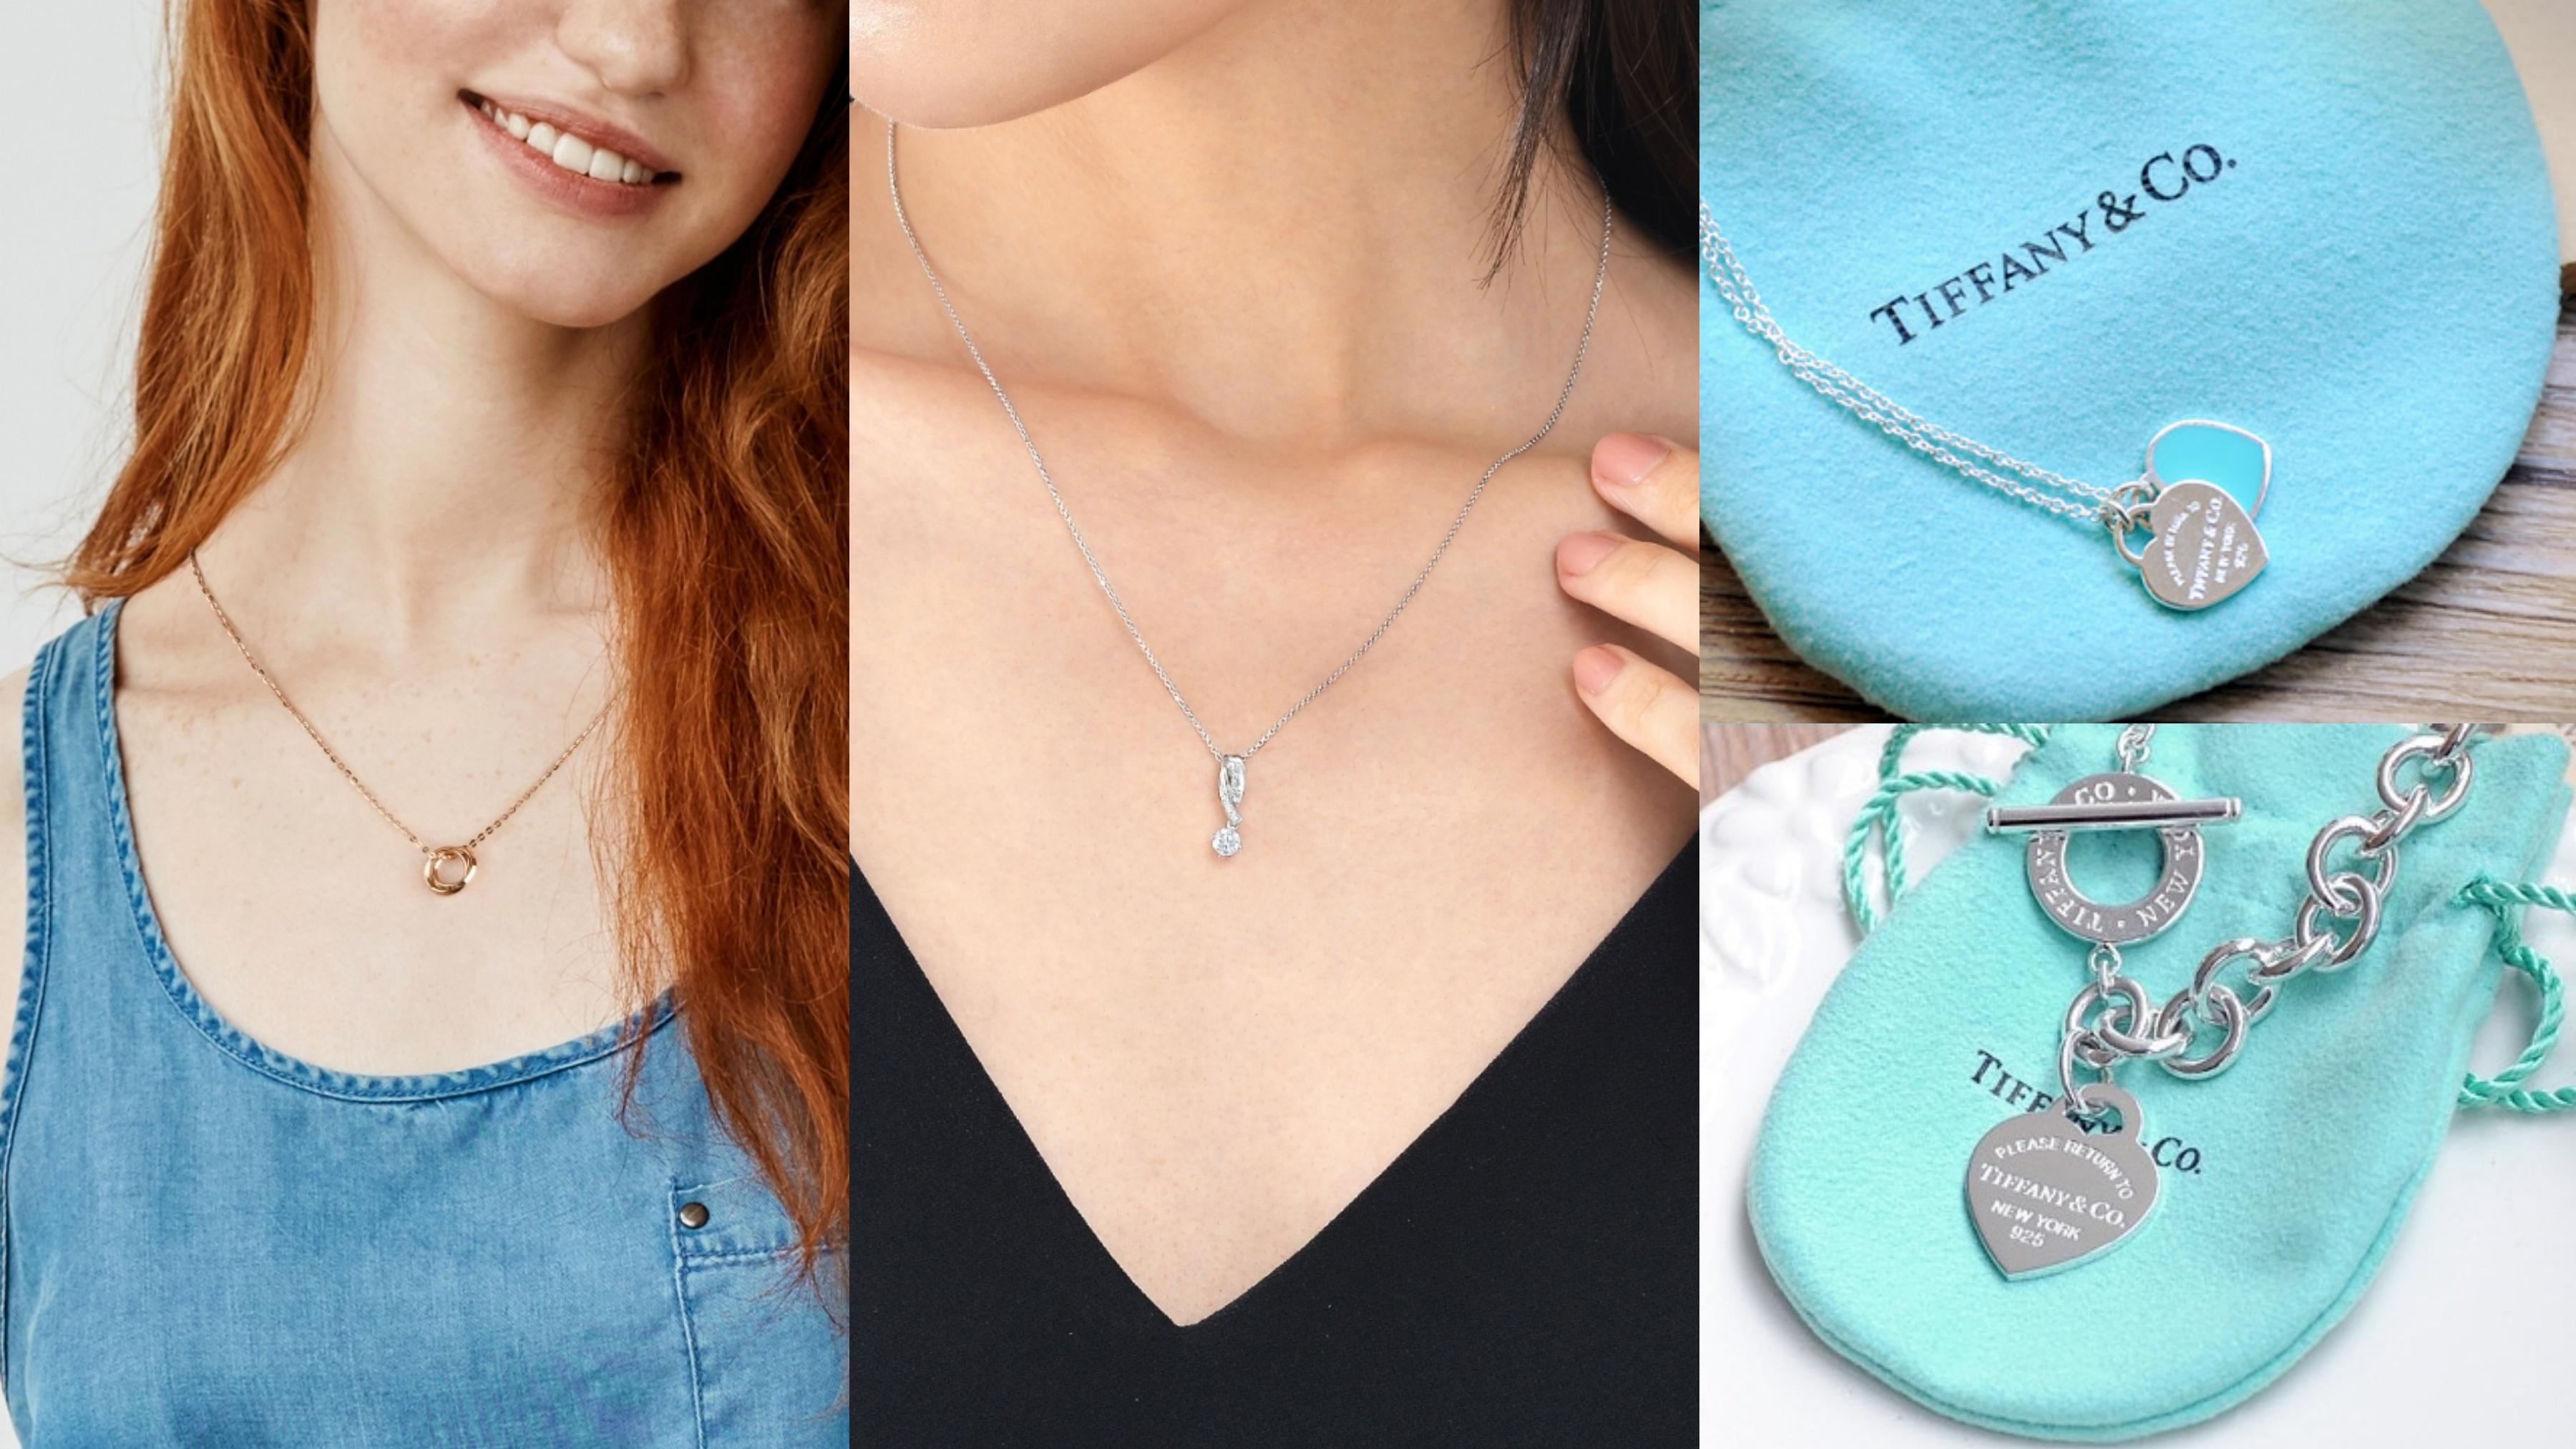 盤點女孩最愛的Tiffany & Co.、點睛品